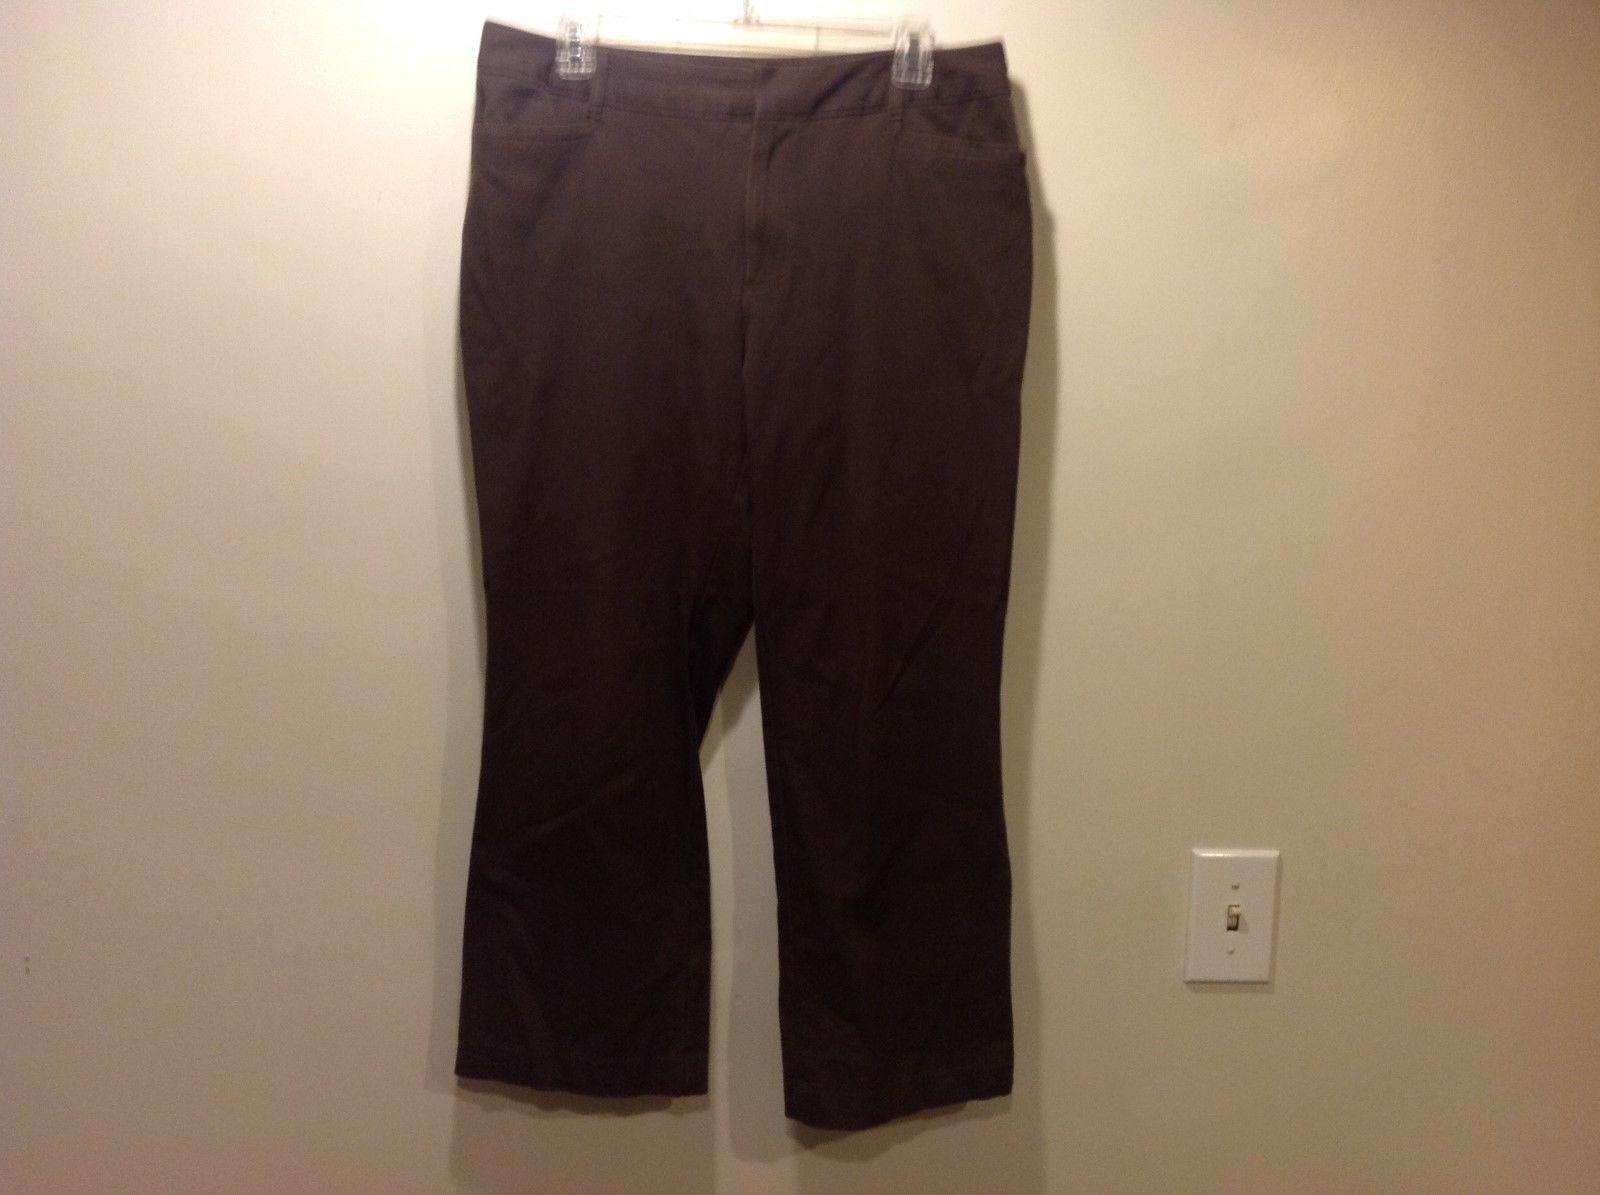 St John's Bay Stretch Ladies Brown Pants Sz 12